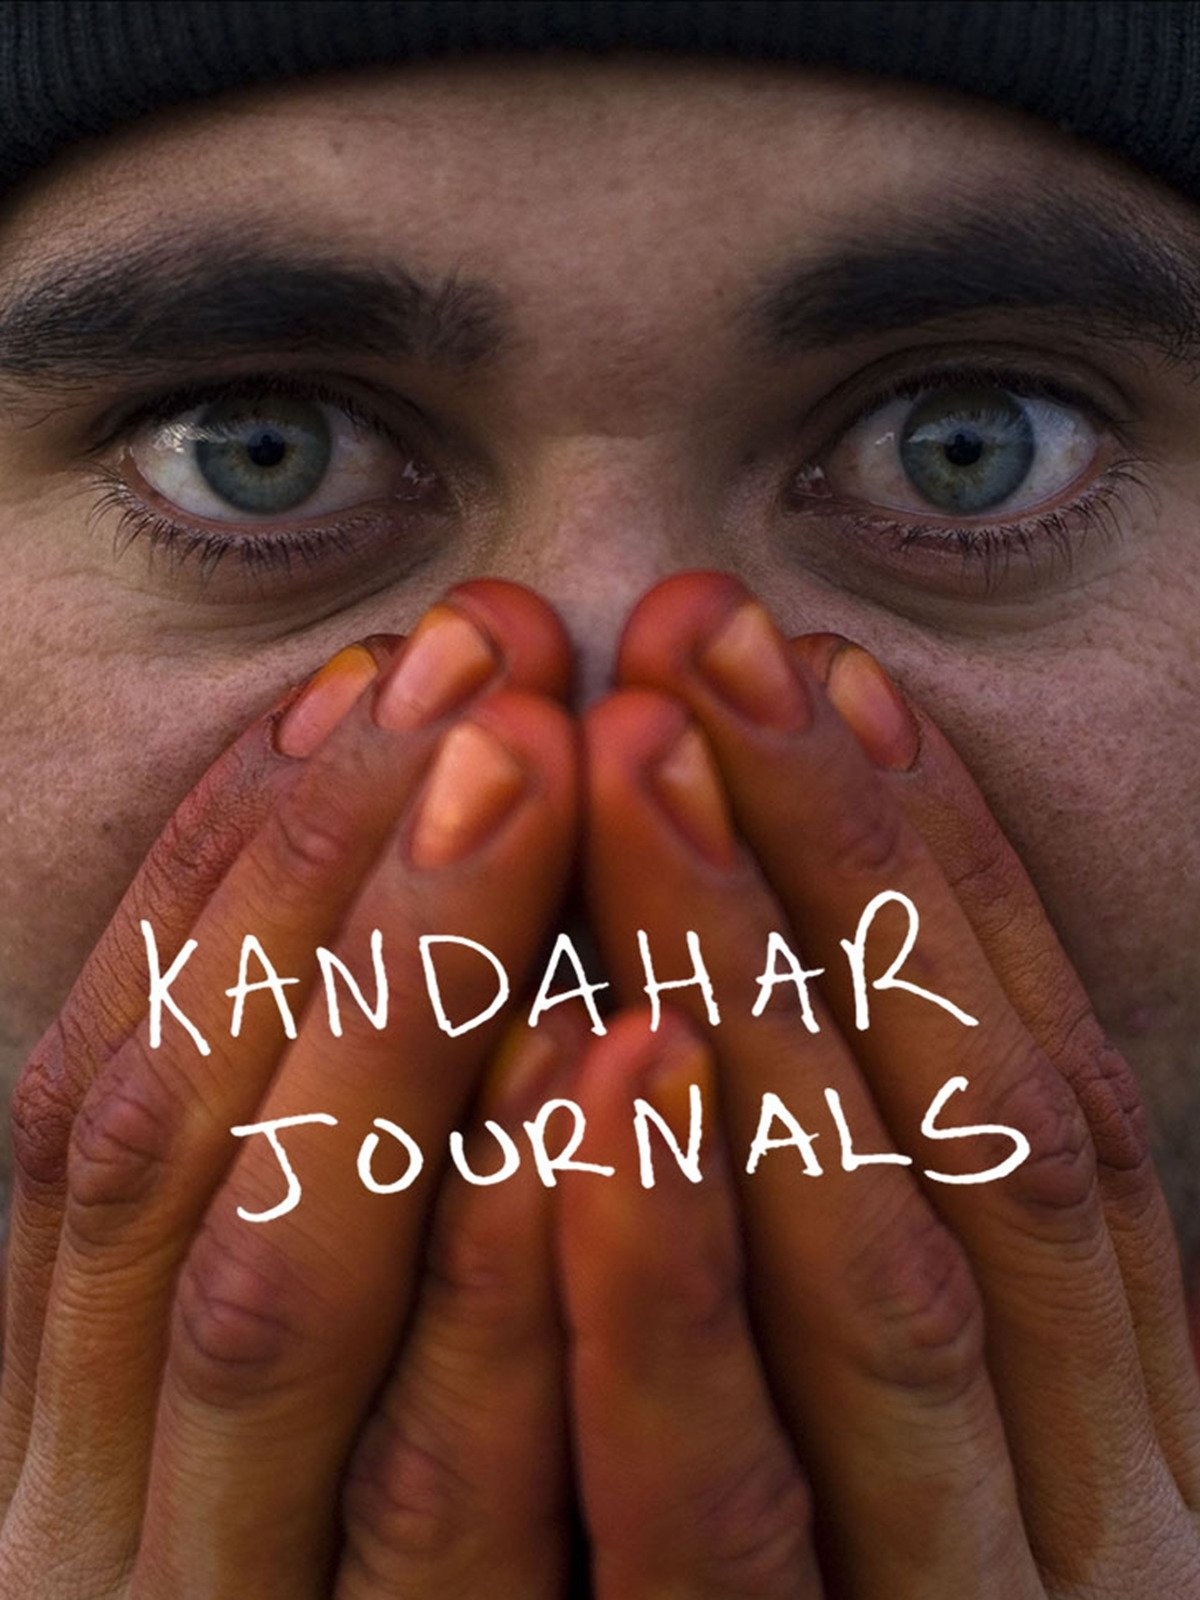 Kandahar Journals